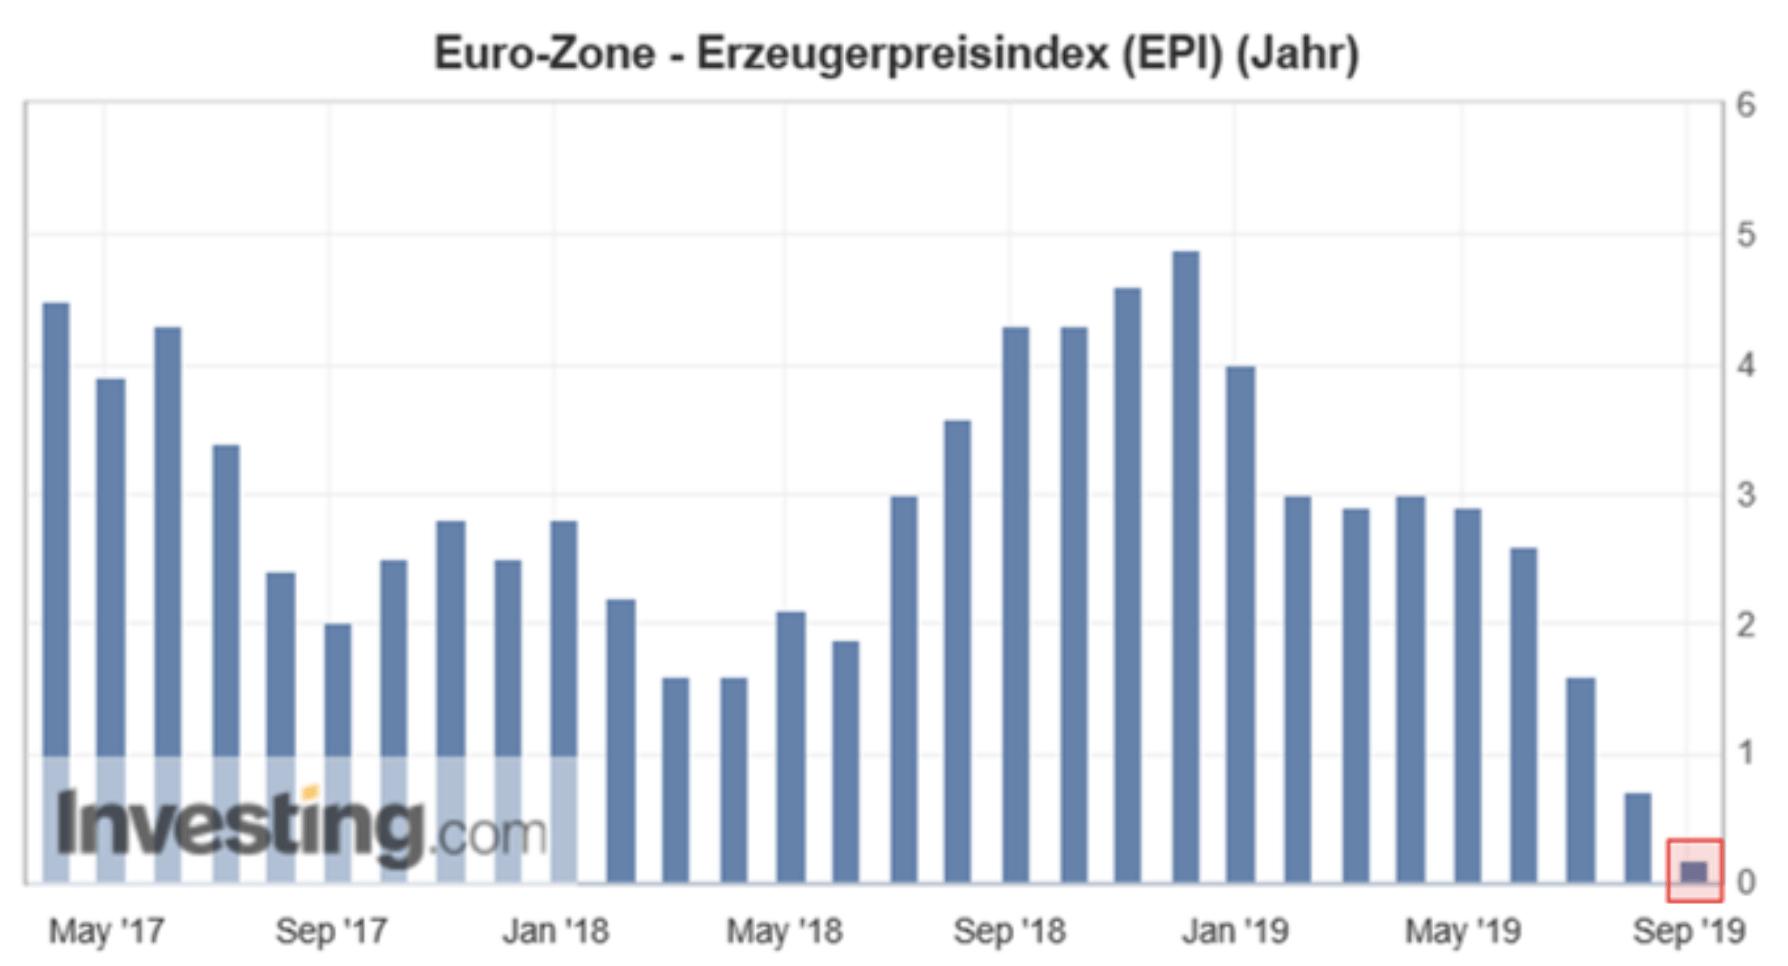 Eurozone Erzeugerpreise - weiterer Grund für EZB Zinssenkungen?